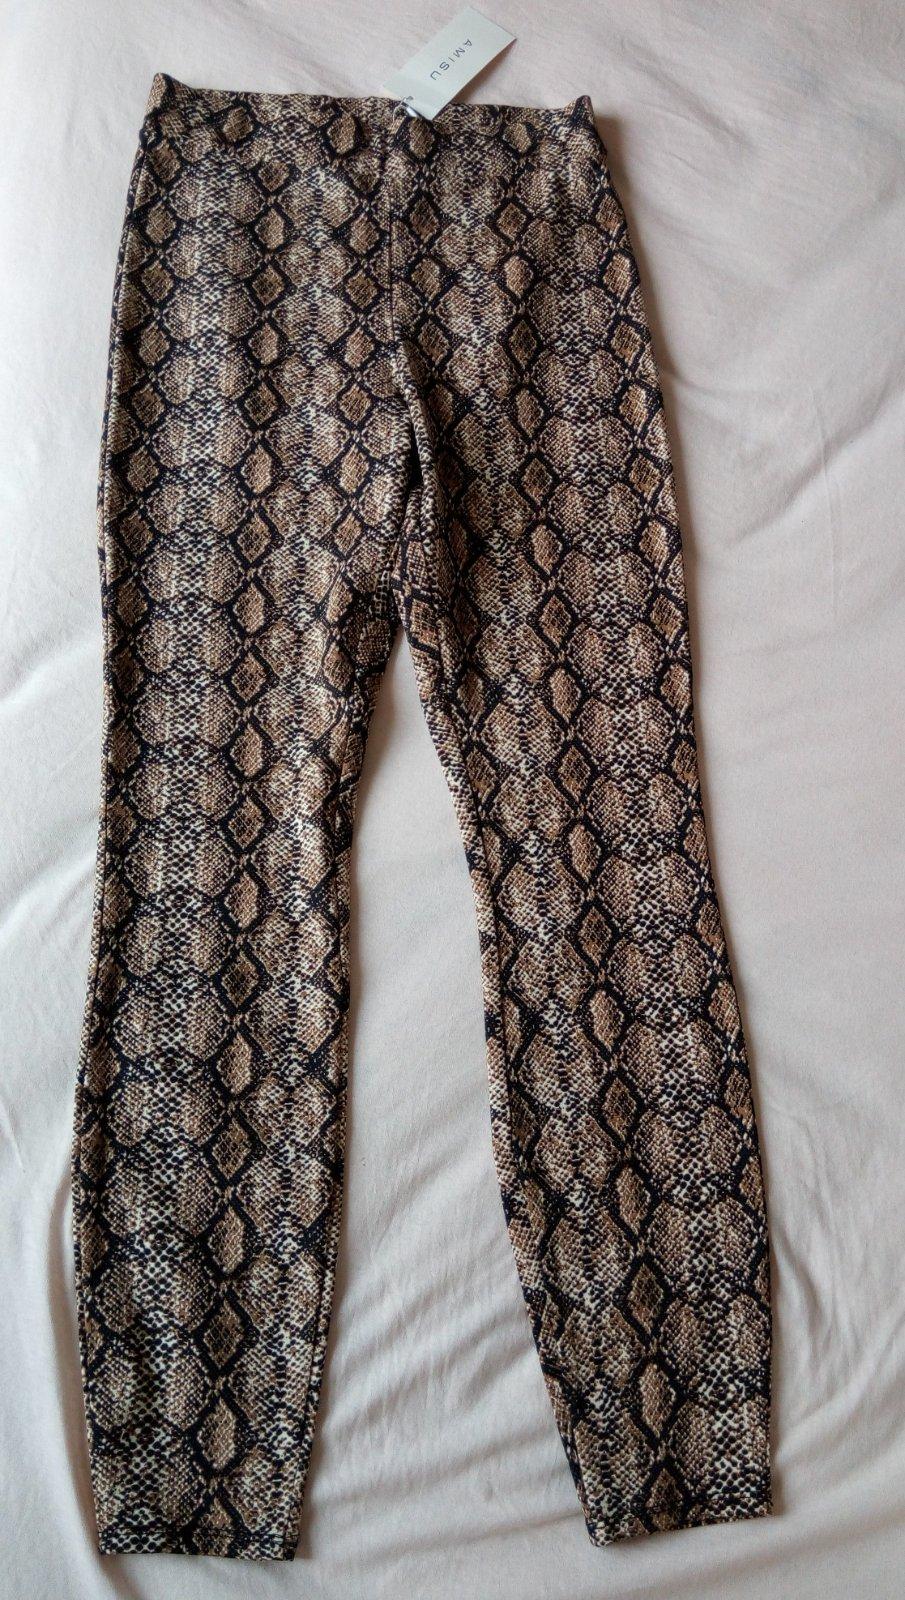 Hnedé hadie legínové nohavice Amisu S - Obrázok č. 1